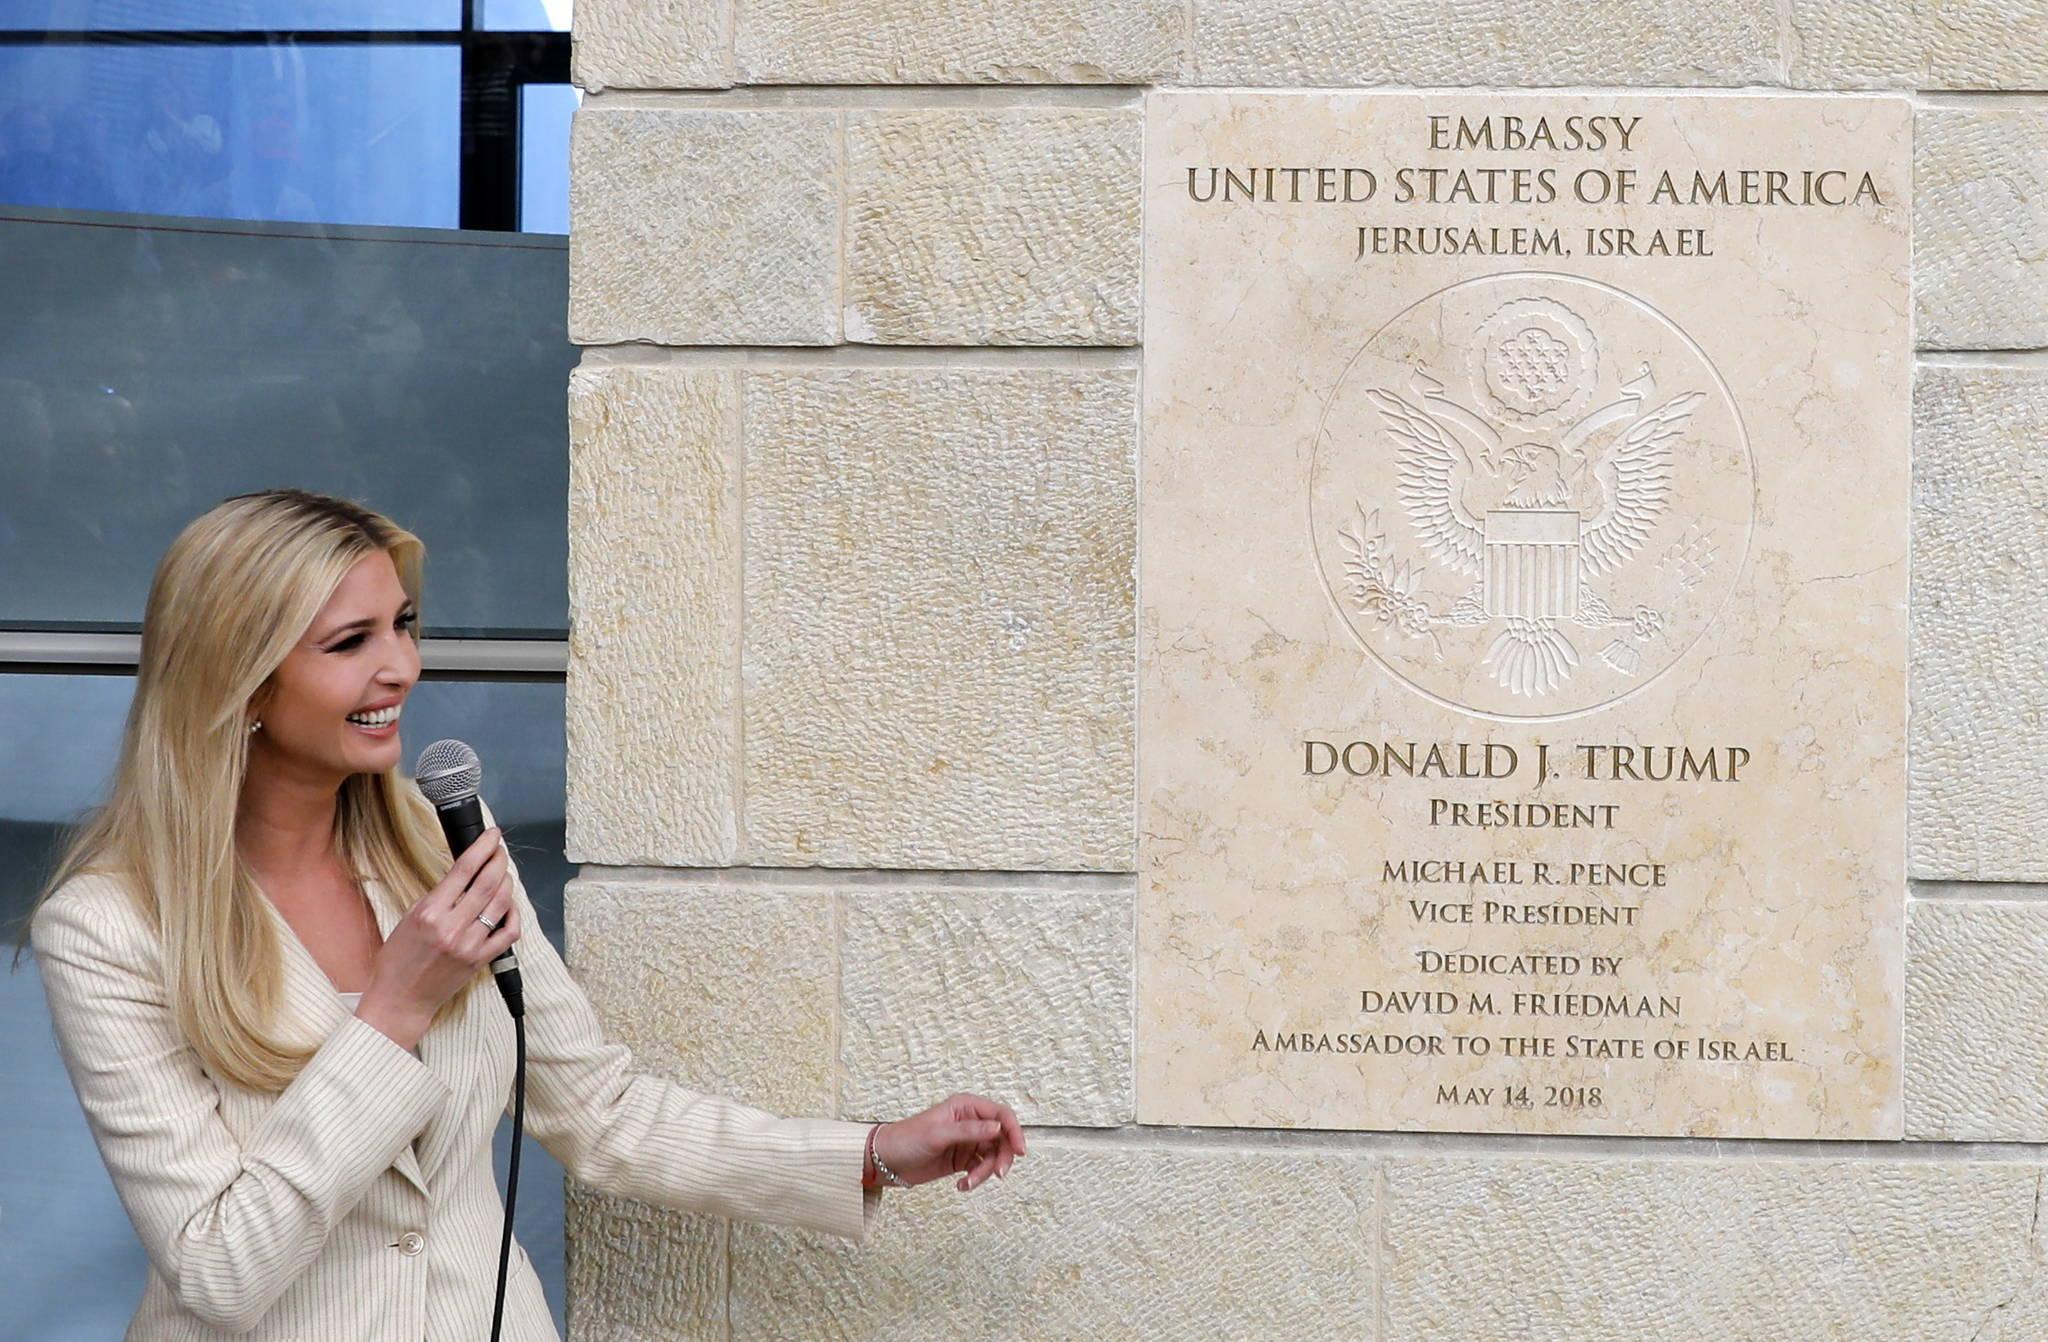 이방카 트럼프가 14일 예루살렘에서 열린 미국대사관 개관식에서 인사말을 하고 있다. 미국은 예루살렘 아르노나 지역에 있는 영사관을 대사관으로 승격시키고 텔아비브에 있는 대사관을 이곳으로 이전했다. [EPA=연합뉴스]